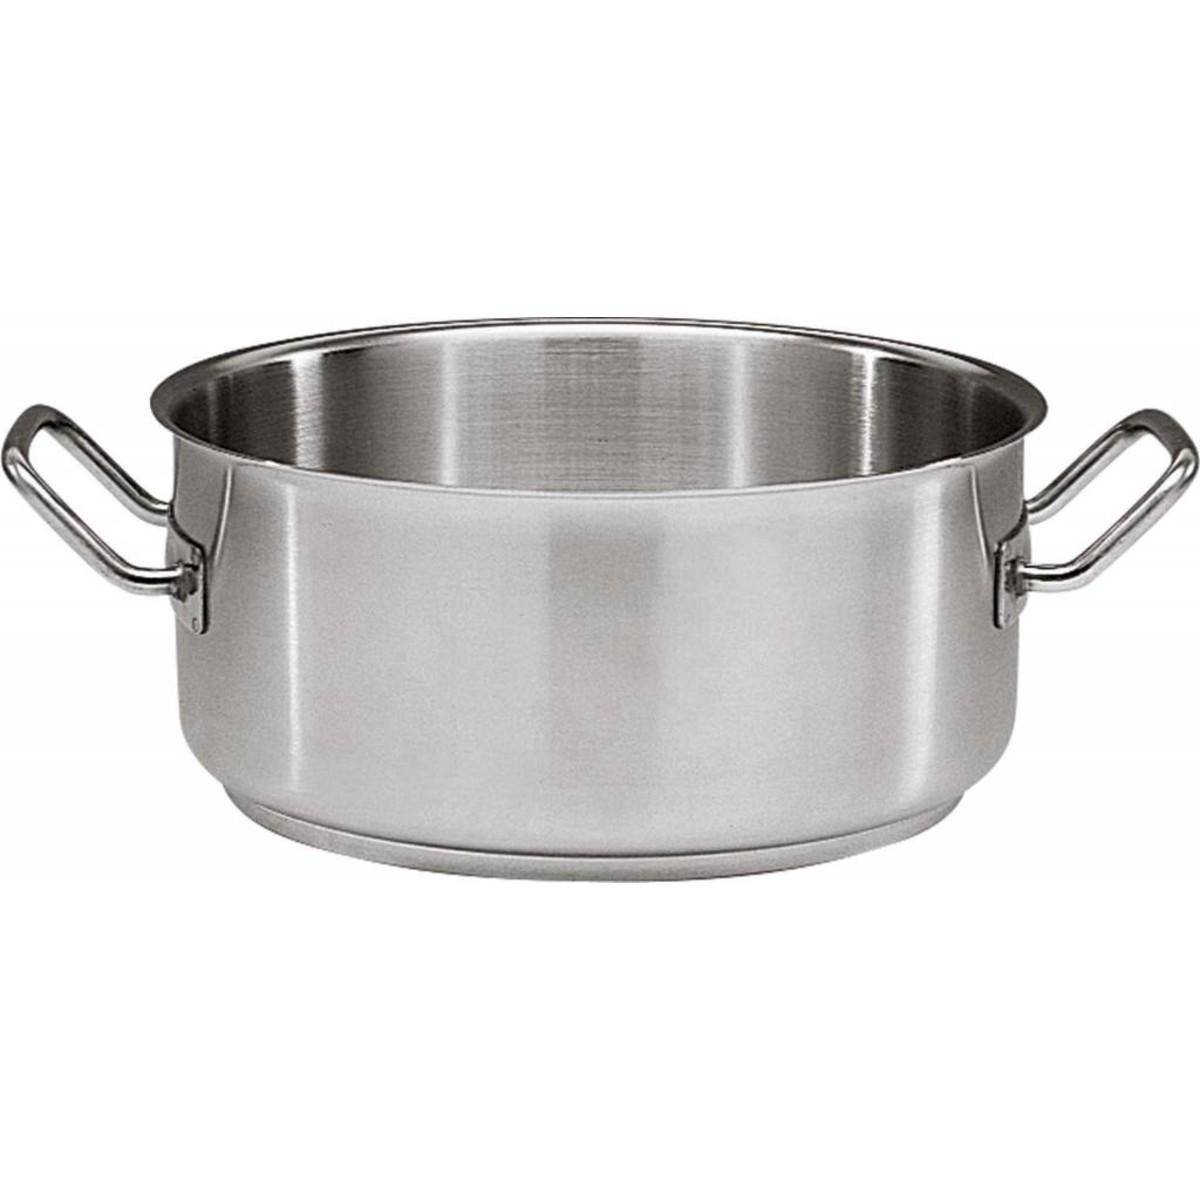 """Bratentopf flach """"Cookmax Economy"""" 40cm"""